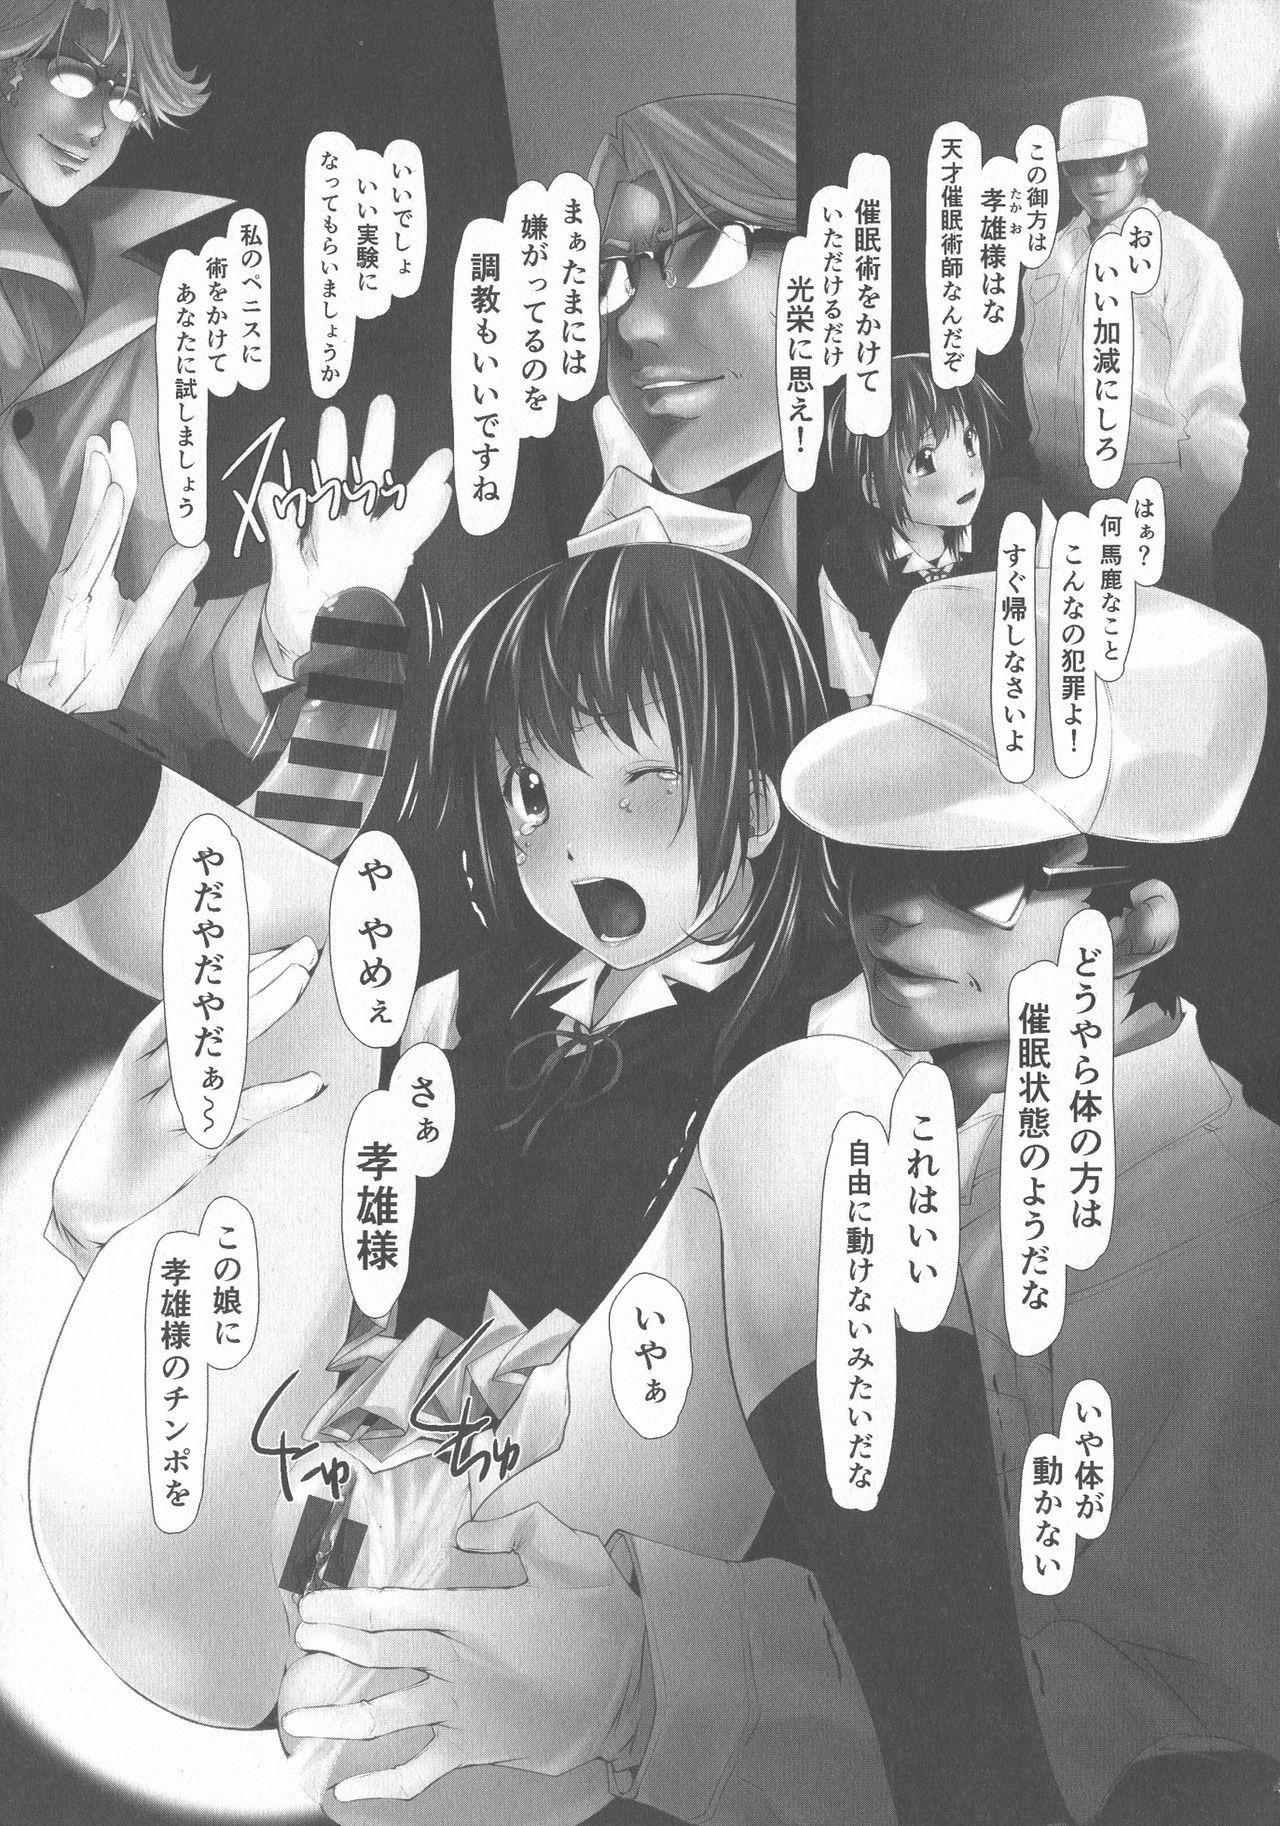 Jochiku no Utage 12